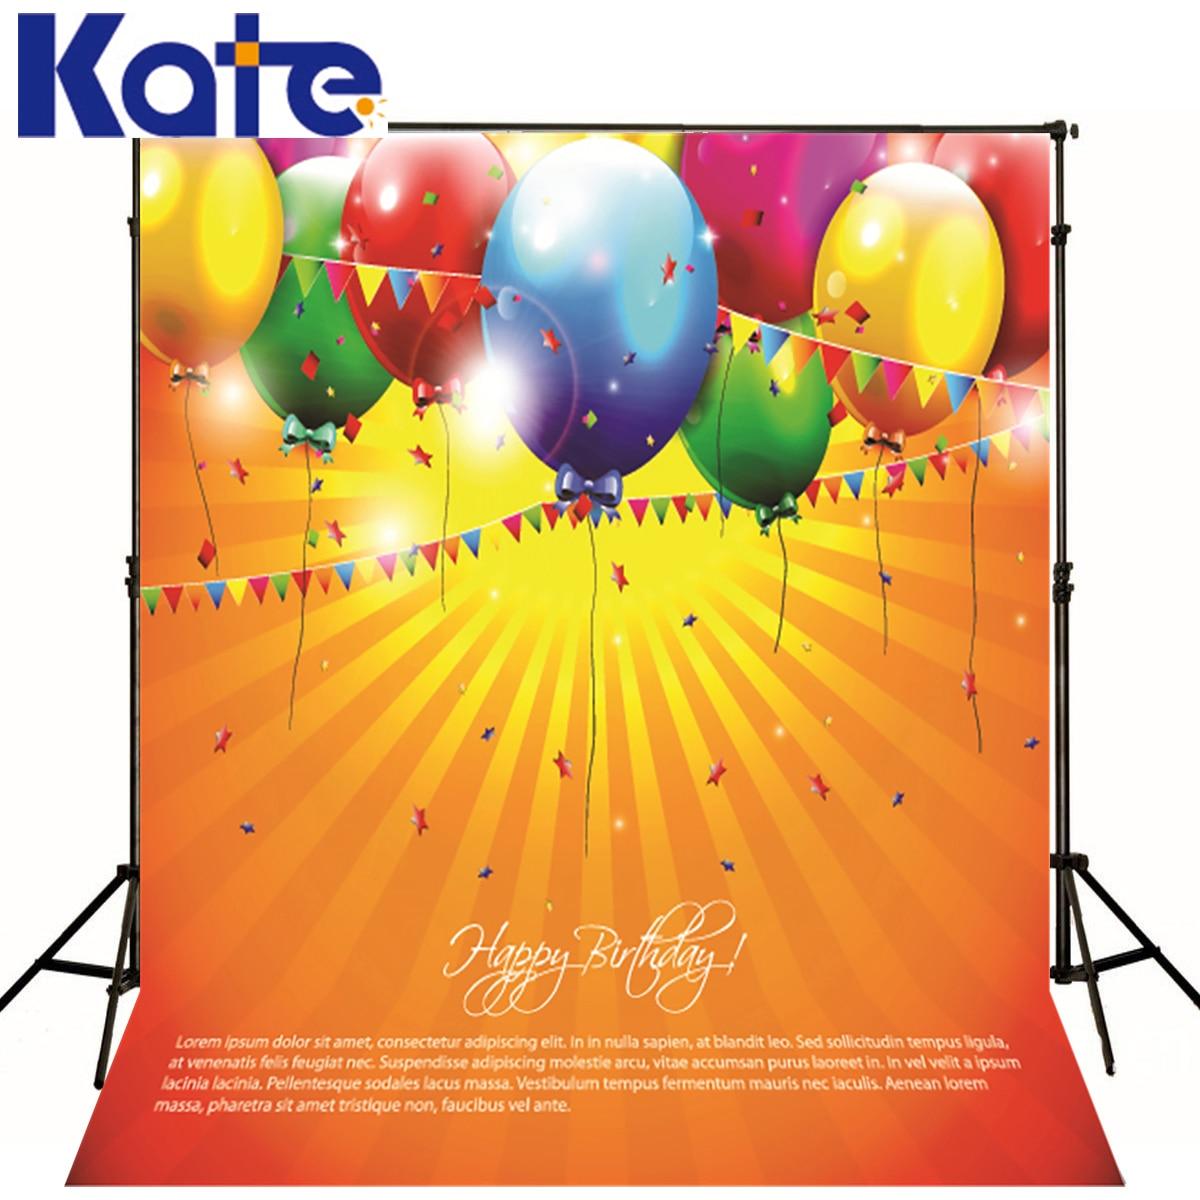 Kate 5x7ft D'anniversaire Fond Photographique Ballons Partie D'anniversaire Toile de Fond Photographie Nouveau-Né Microfibre Studio Toile de Fond